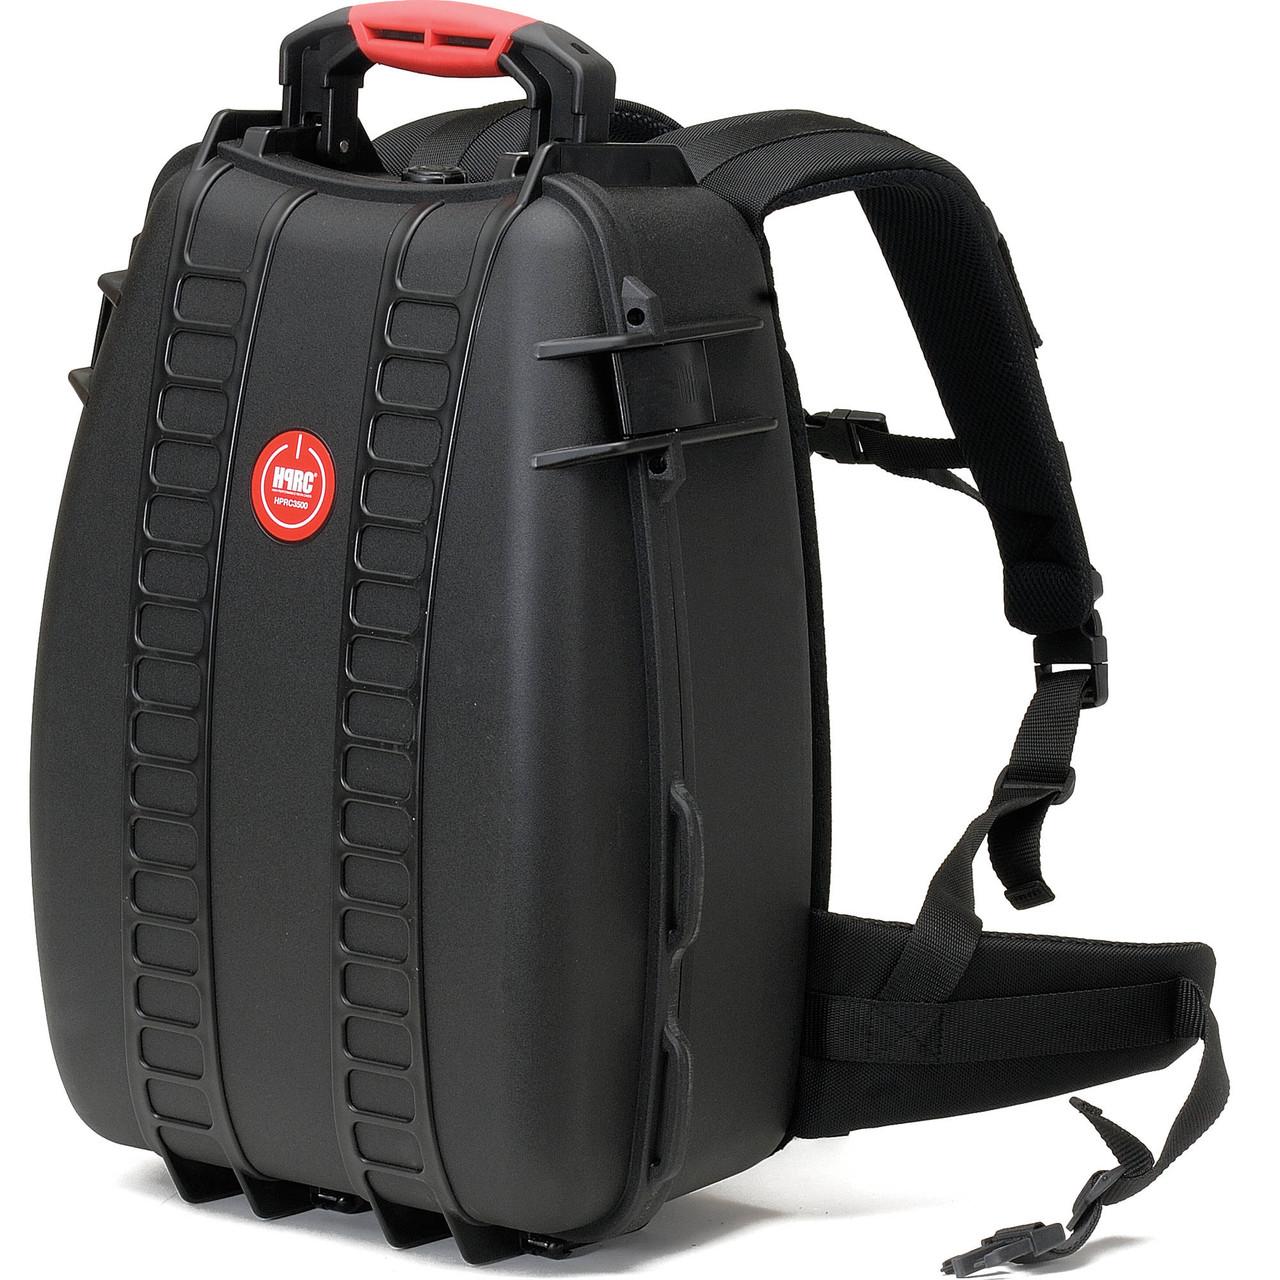 HPRC 3500DK Backpack with Divider Kit (HPRC3500DK)